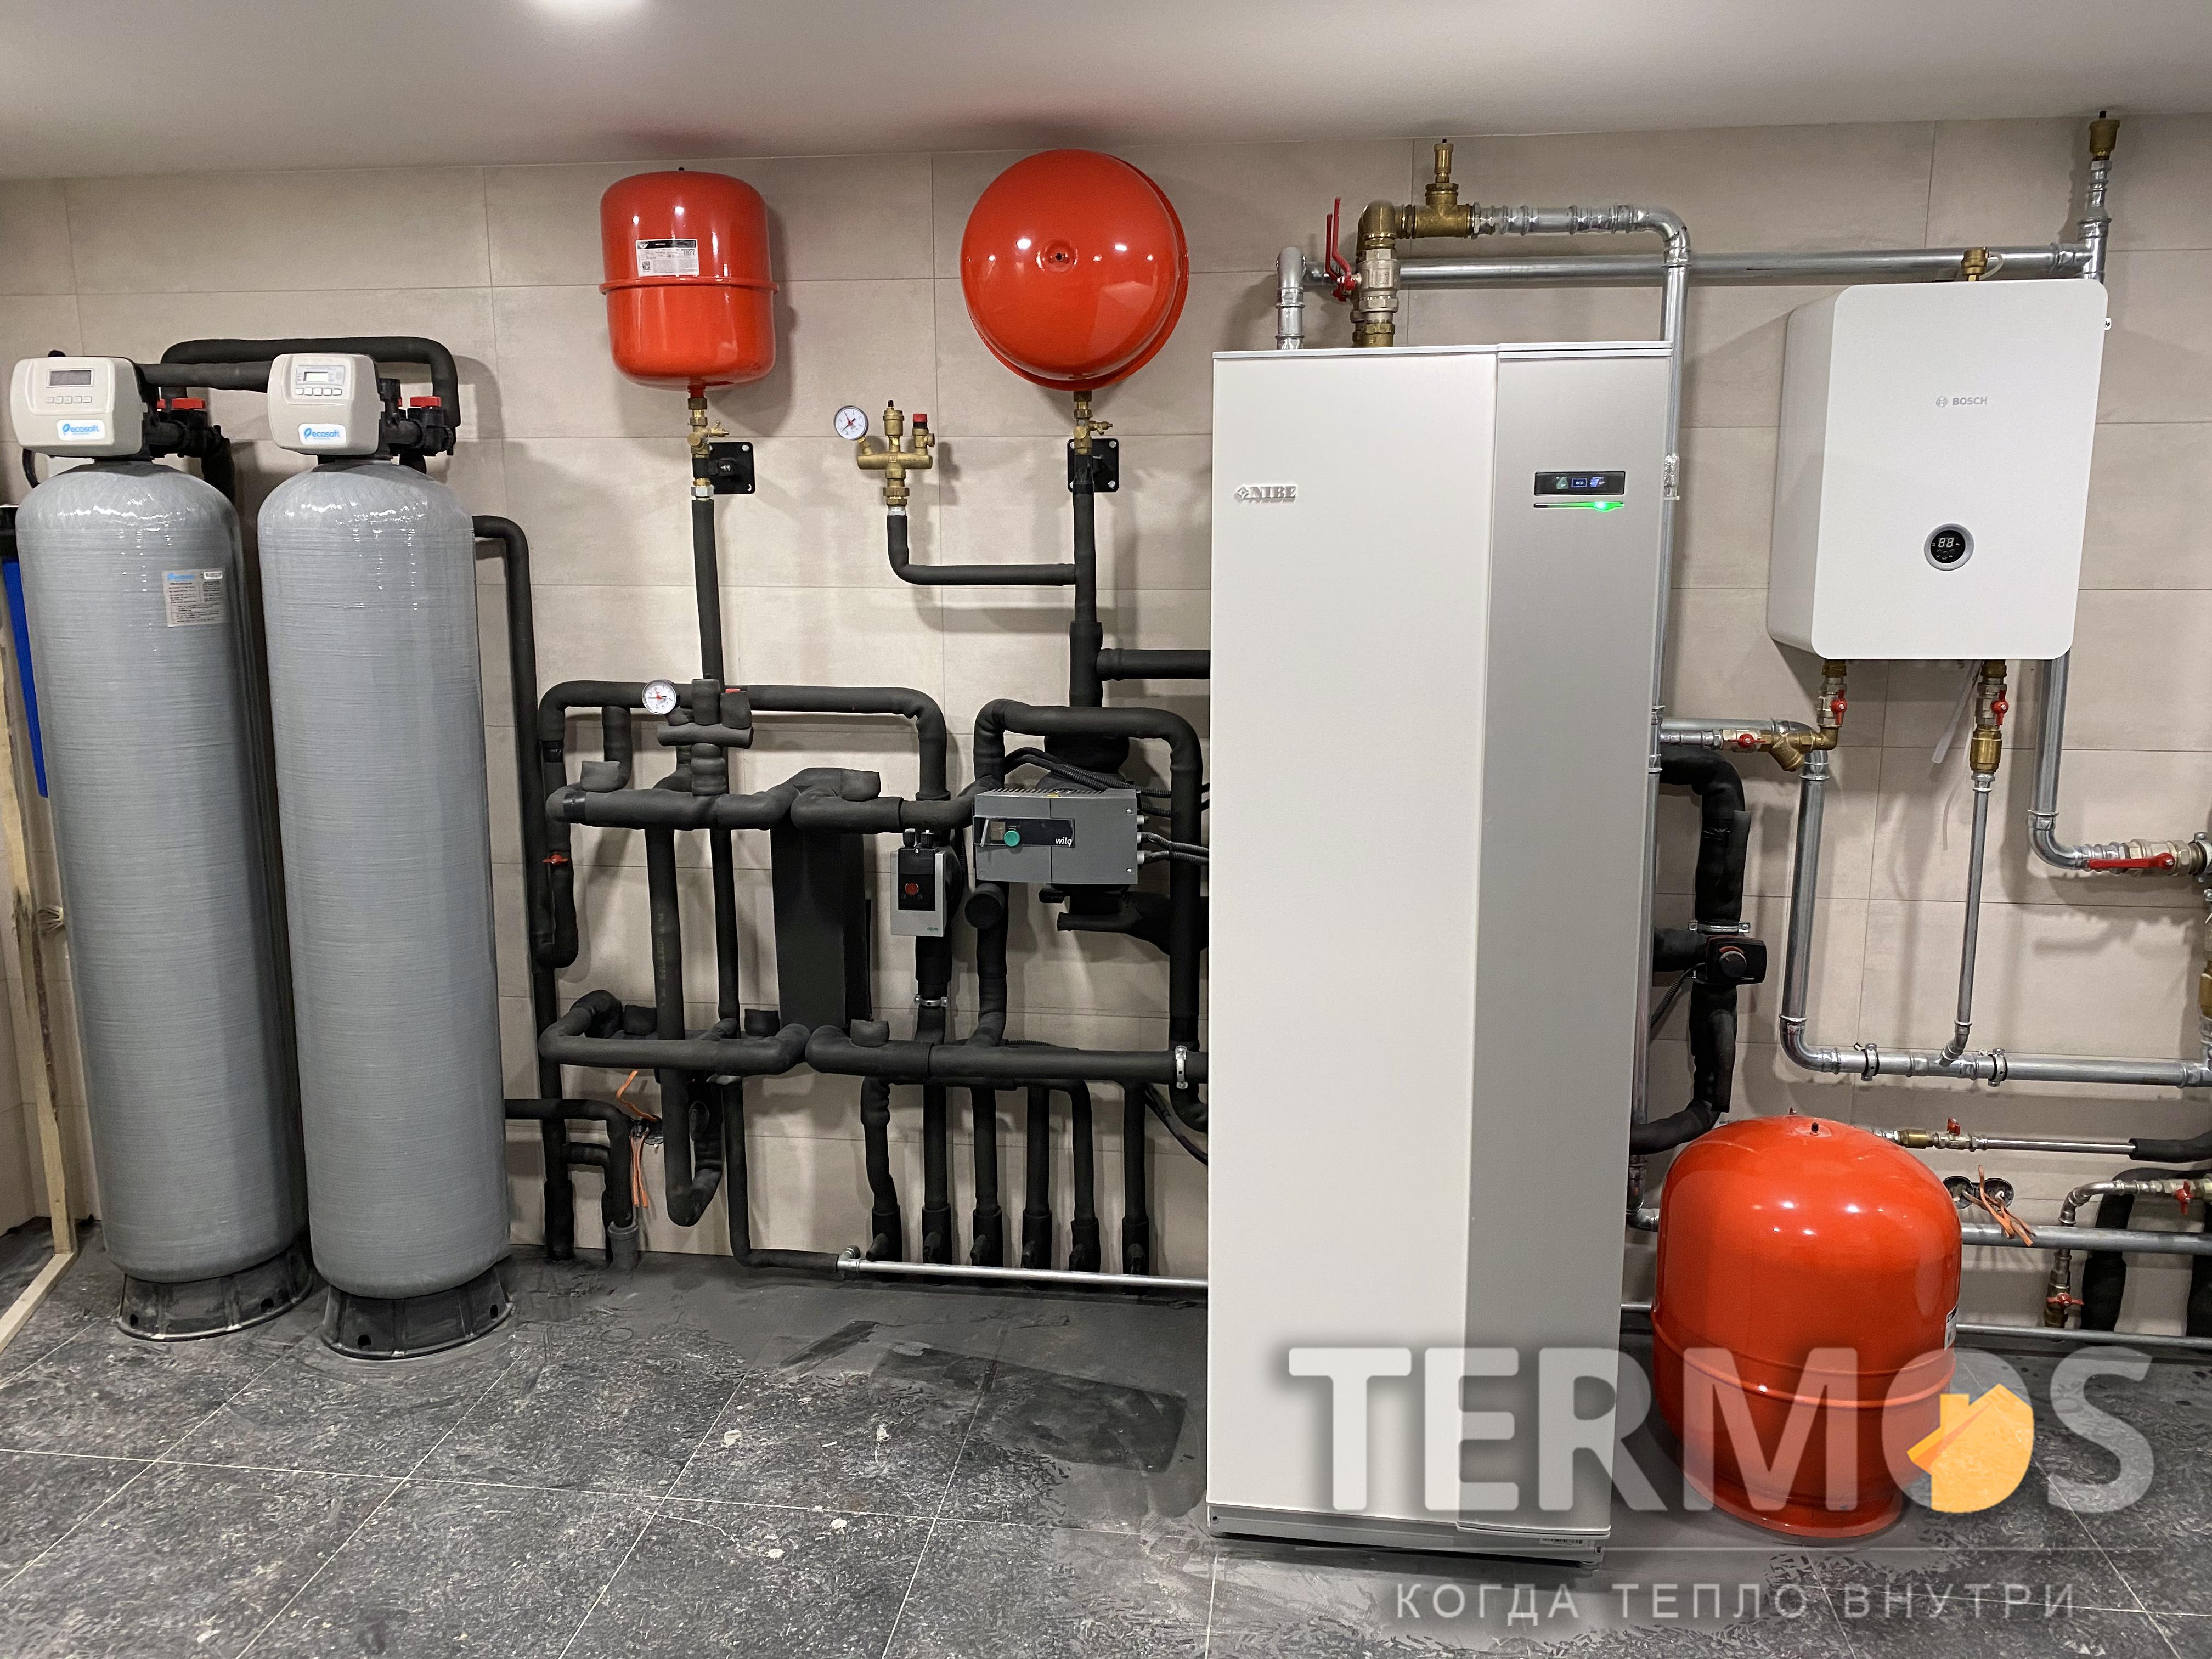 Тепловой насос NIBE (Швеция) F1345 - 40 кВт, резервный электрокотел BOCSH ( Германия) 24 кВт, высокоэффективный бойлер 500 л для приготовления горячей воды